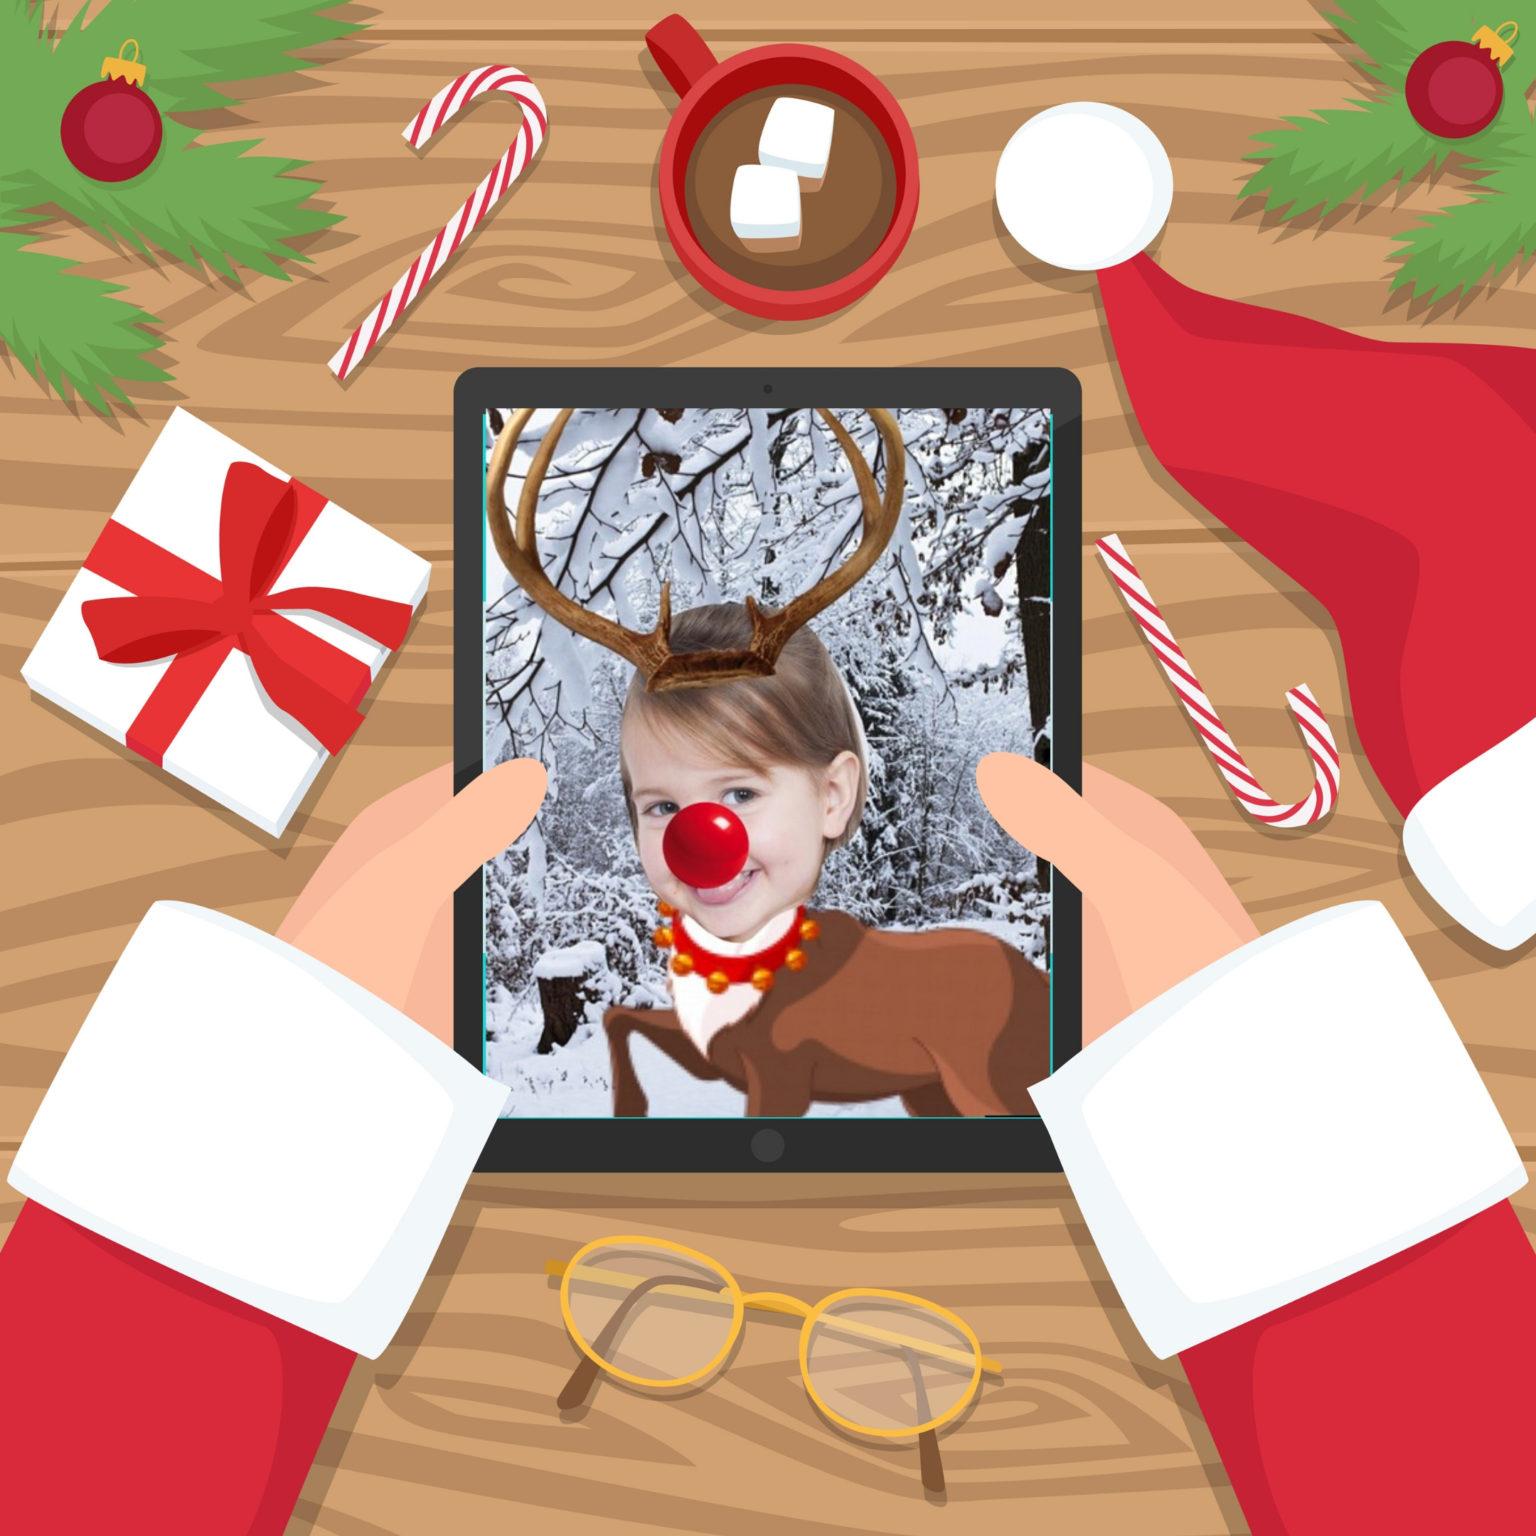 reindeer selfie on Pic Collage